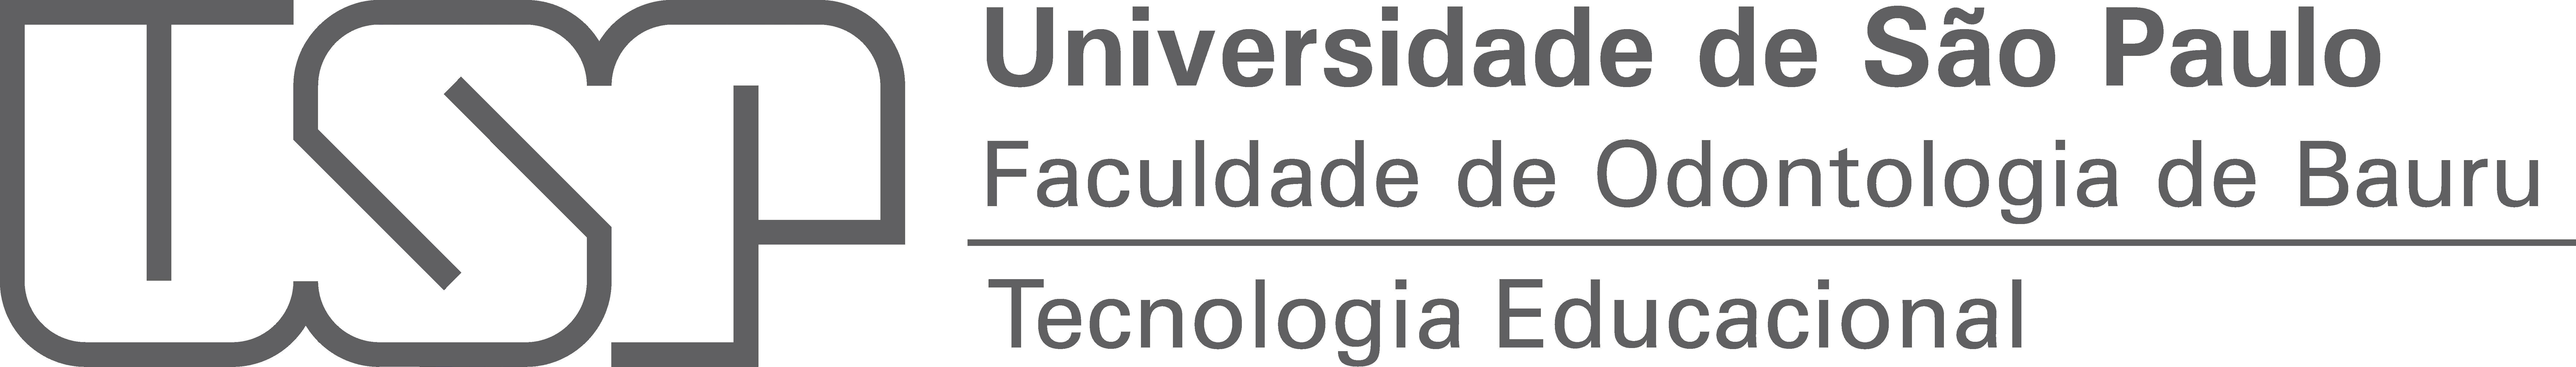 Seção de Tecnologia Educacional